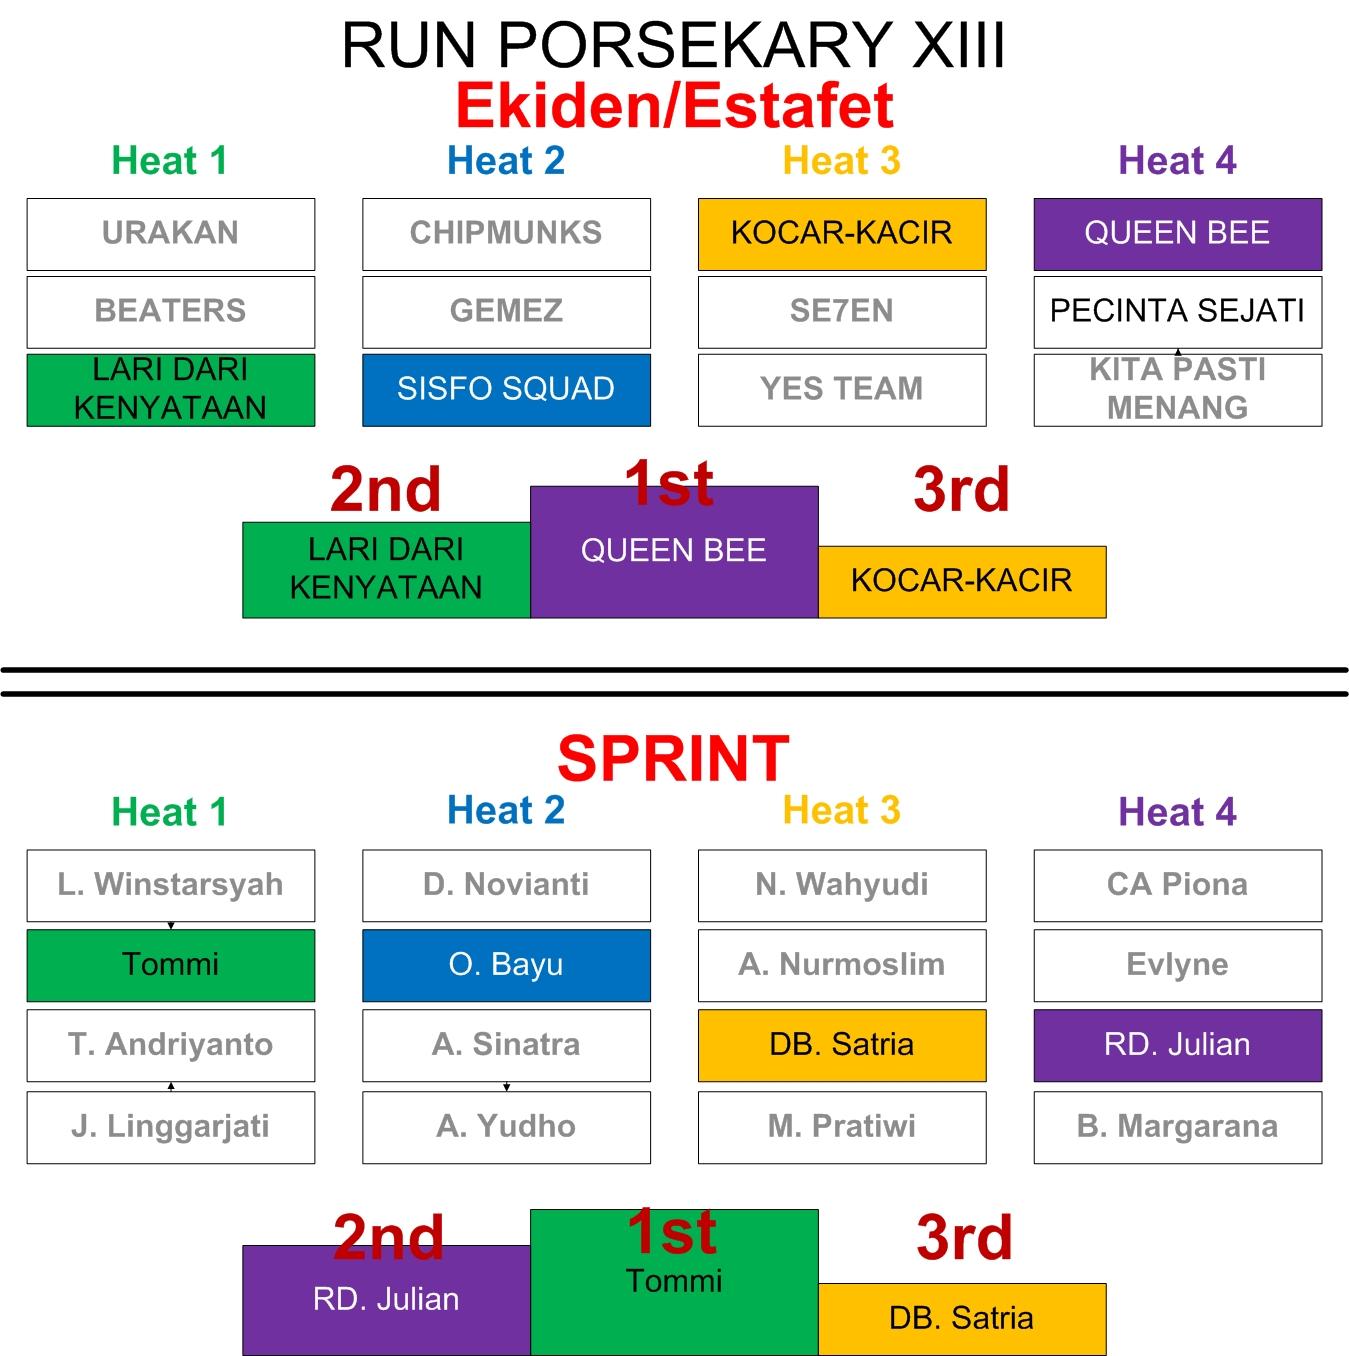 Runners Porsekary XIII (3)